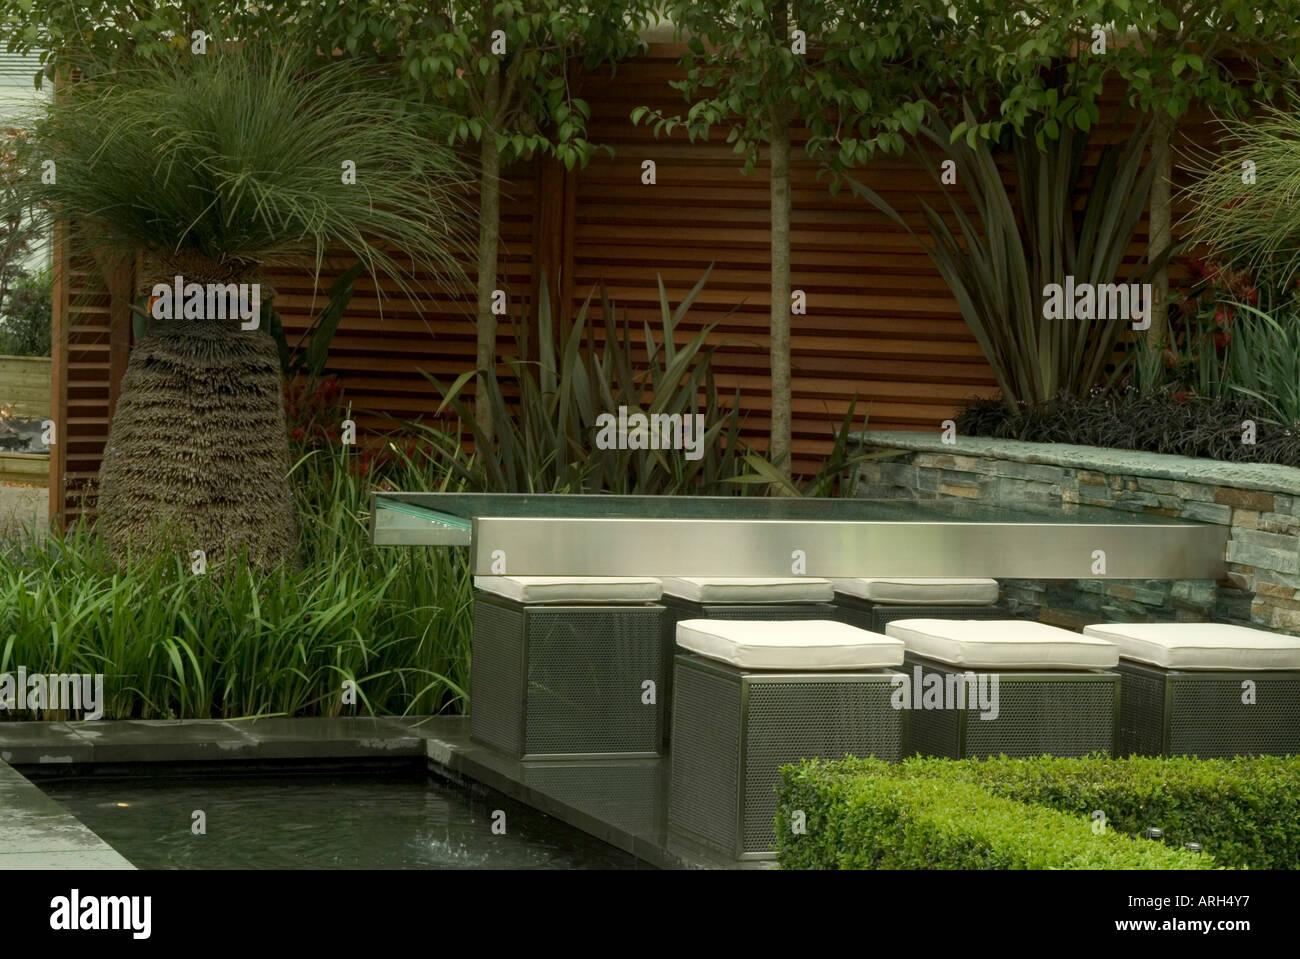 The Flemings Nurseries Australian Garden at Chelsea Flower Show 2006 - Stock Image